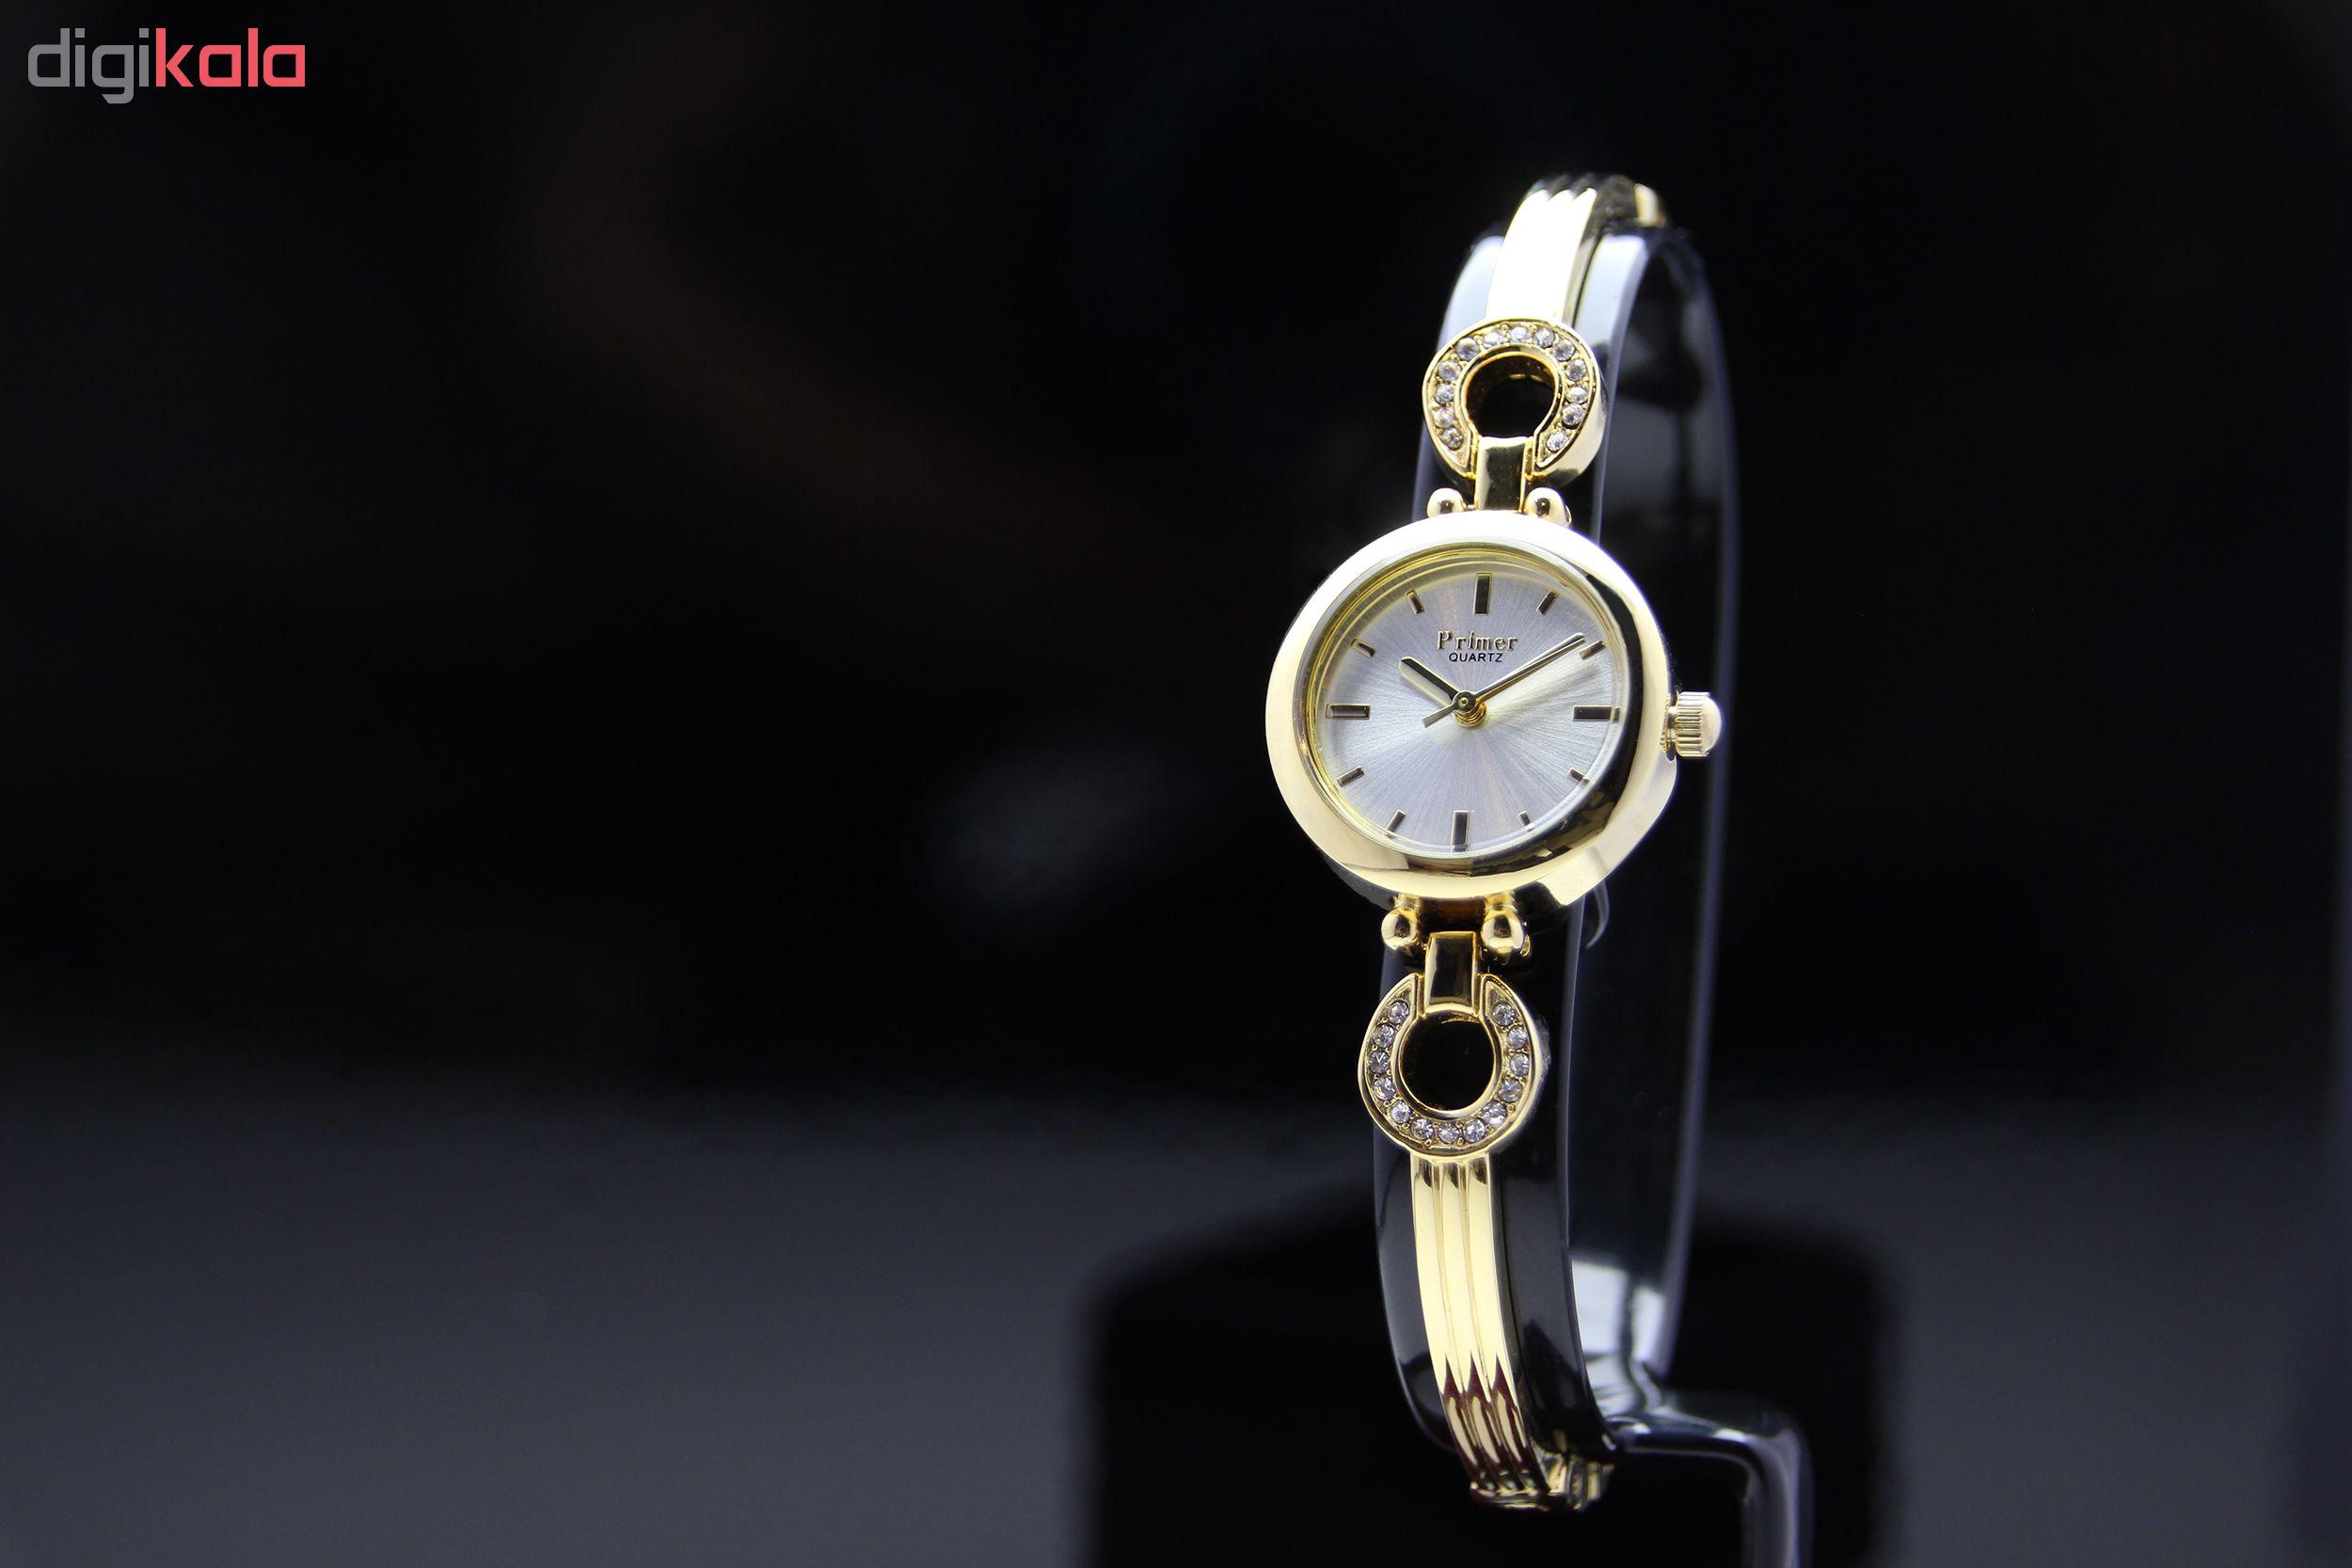 ساعت مچی عقربه ای زنانه پرایمر مدل MO-032-SS              ارزان